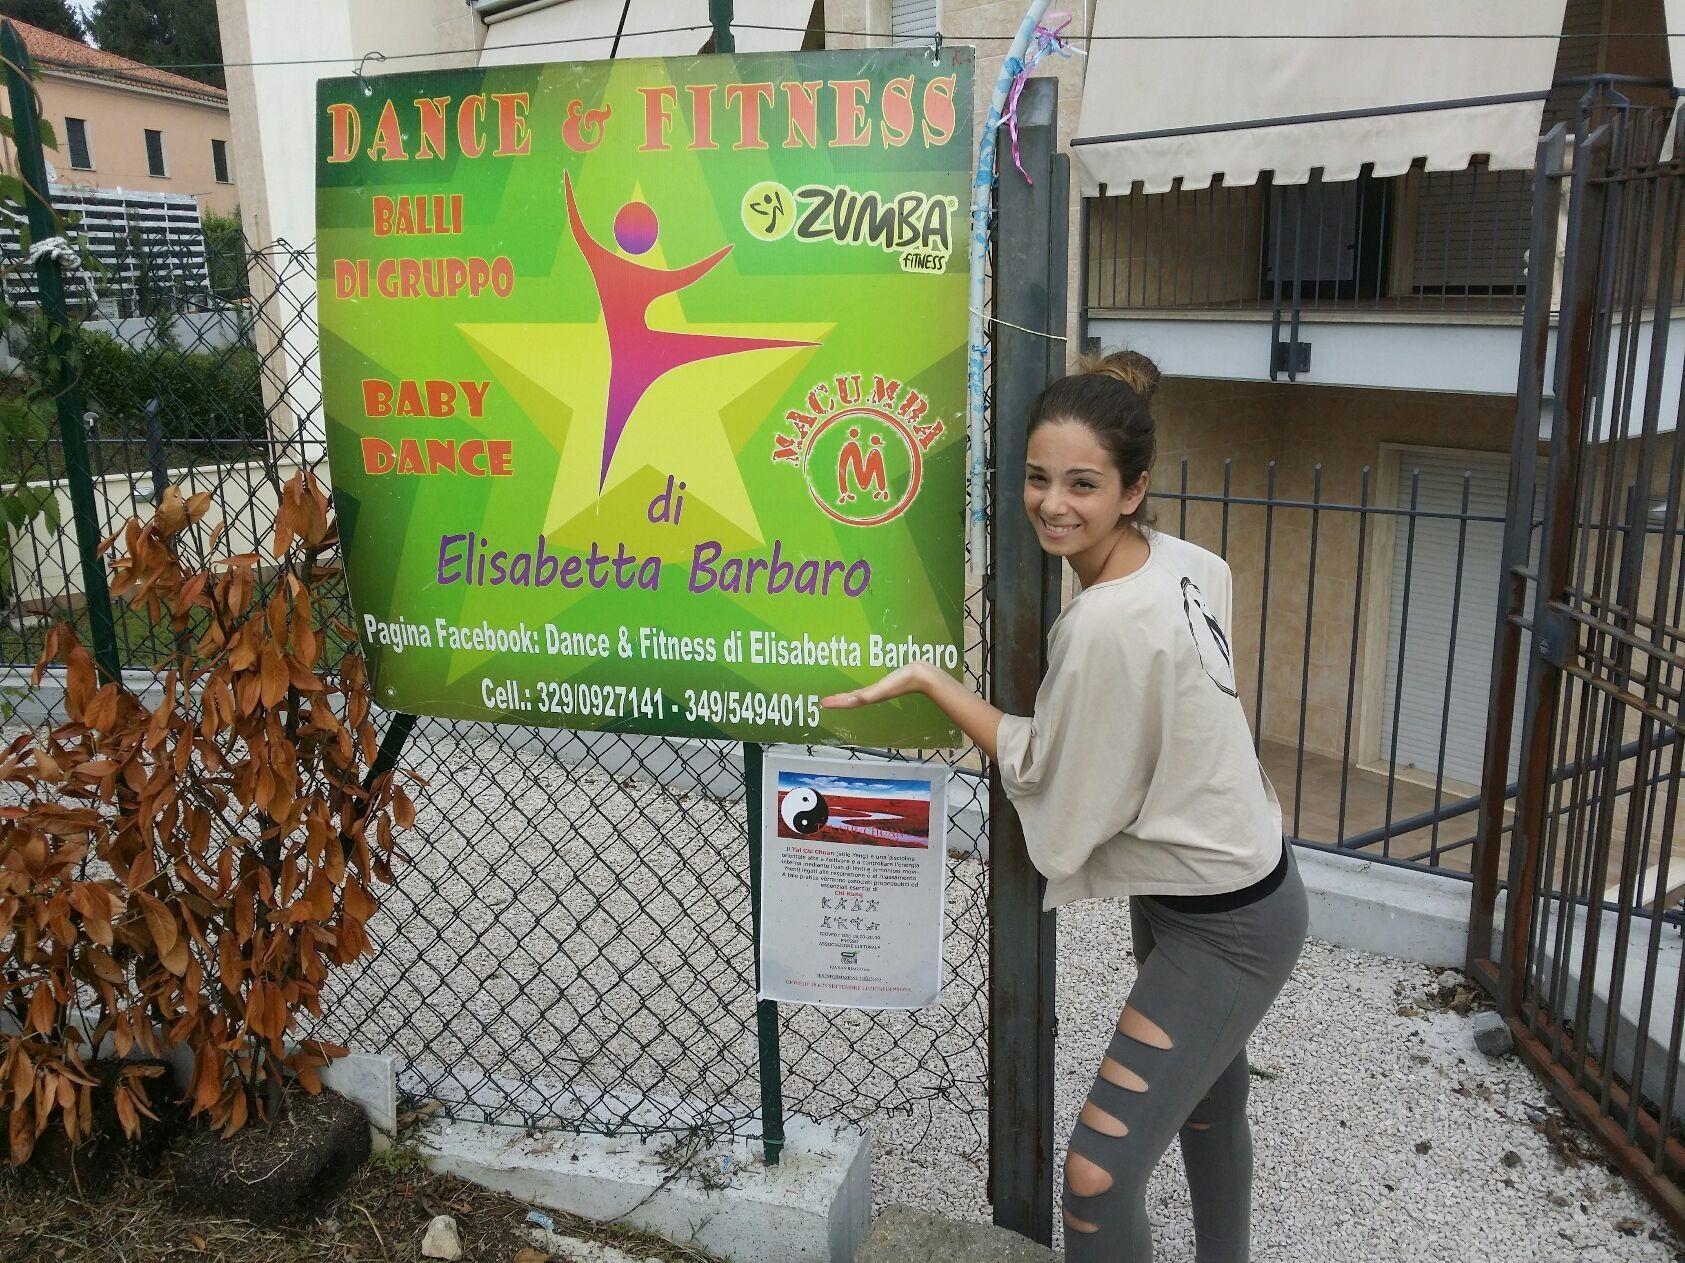 Il Dance & Fitness di Elisabetta Barbaro nasce grazie al sogno della maestra Elisabetta di voler trasmettere la sua passione per la danza, iniziando come ballerina di danza moderna, classica e hip hop all'età di 5 anni. Nell'estate del 2011, dopo anni di esperienza come ballerina, la maestra Elisabetta prende il suo primo diploma come insegnante di balli coreografici e di gruppo di primo livello. Successivamente, nell'autunno del 2011, consegue il diploma di maestra di secondo livello. Durante il primo anno di insegnamento intraprende anche la strada del fitness con Macumba Fitness e Zumba fitness. Dopo questa piccola premessa, quindi, nel Dance & Fitness di Elisabetta Barbaro potete trovare discipline come: - BALLI DI GRUPPO SOCIALI/COREOGRAFICI, - BABY DANCE (ETA' DAI 4 ANNI IN SU), - ZUMBA FITNESS, - MACUMBA FITNESS. La sede si trova presso l'Associazione Culturale Ossigeno in Via San Biagio snc, Velletri.